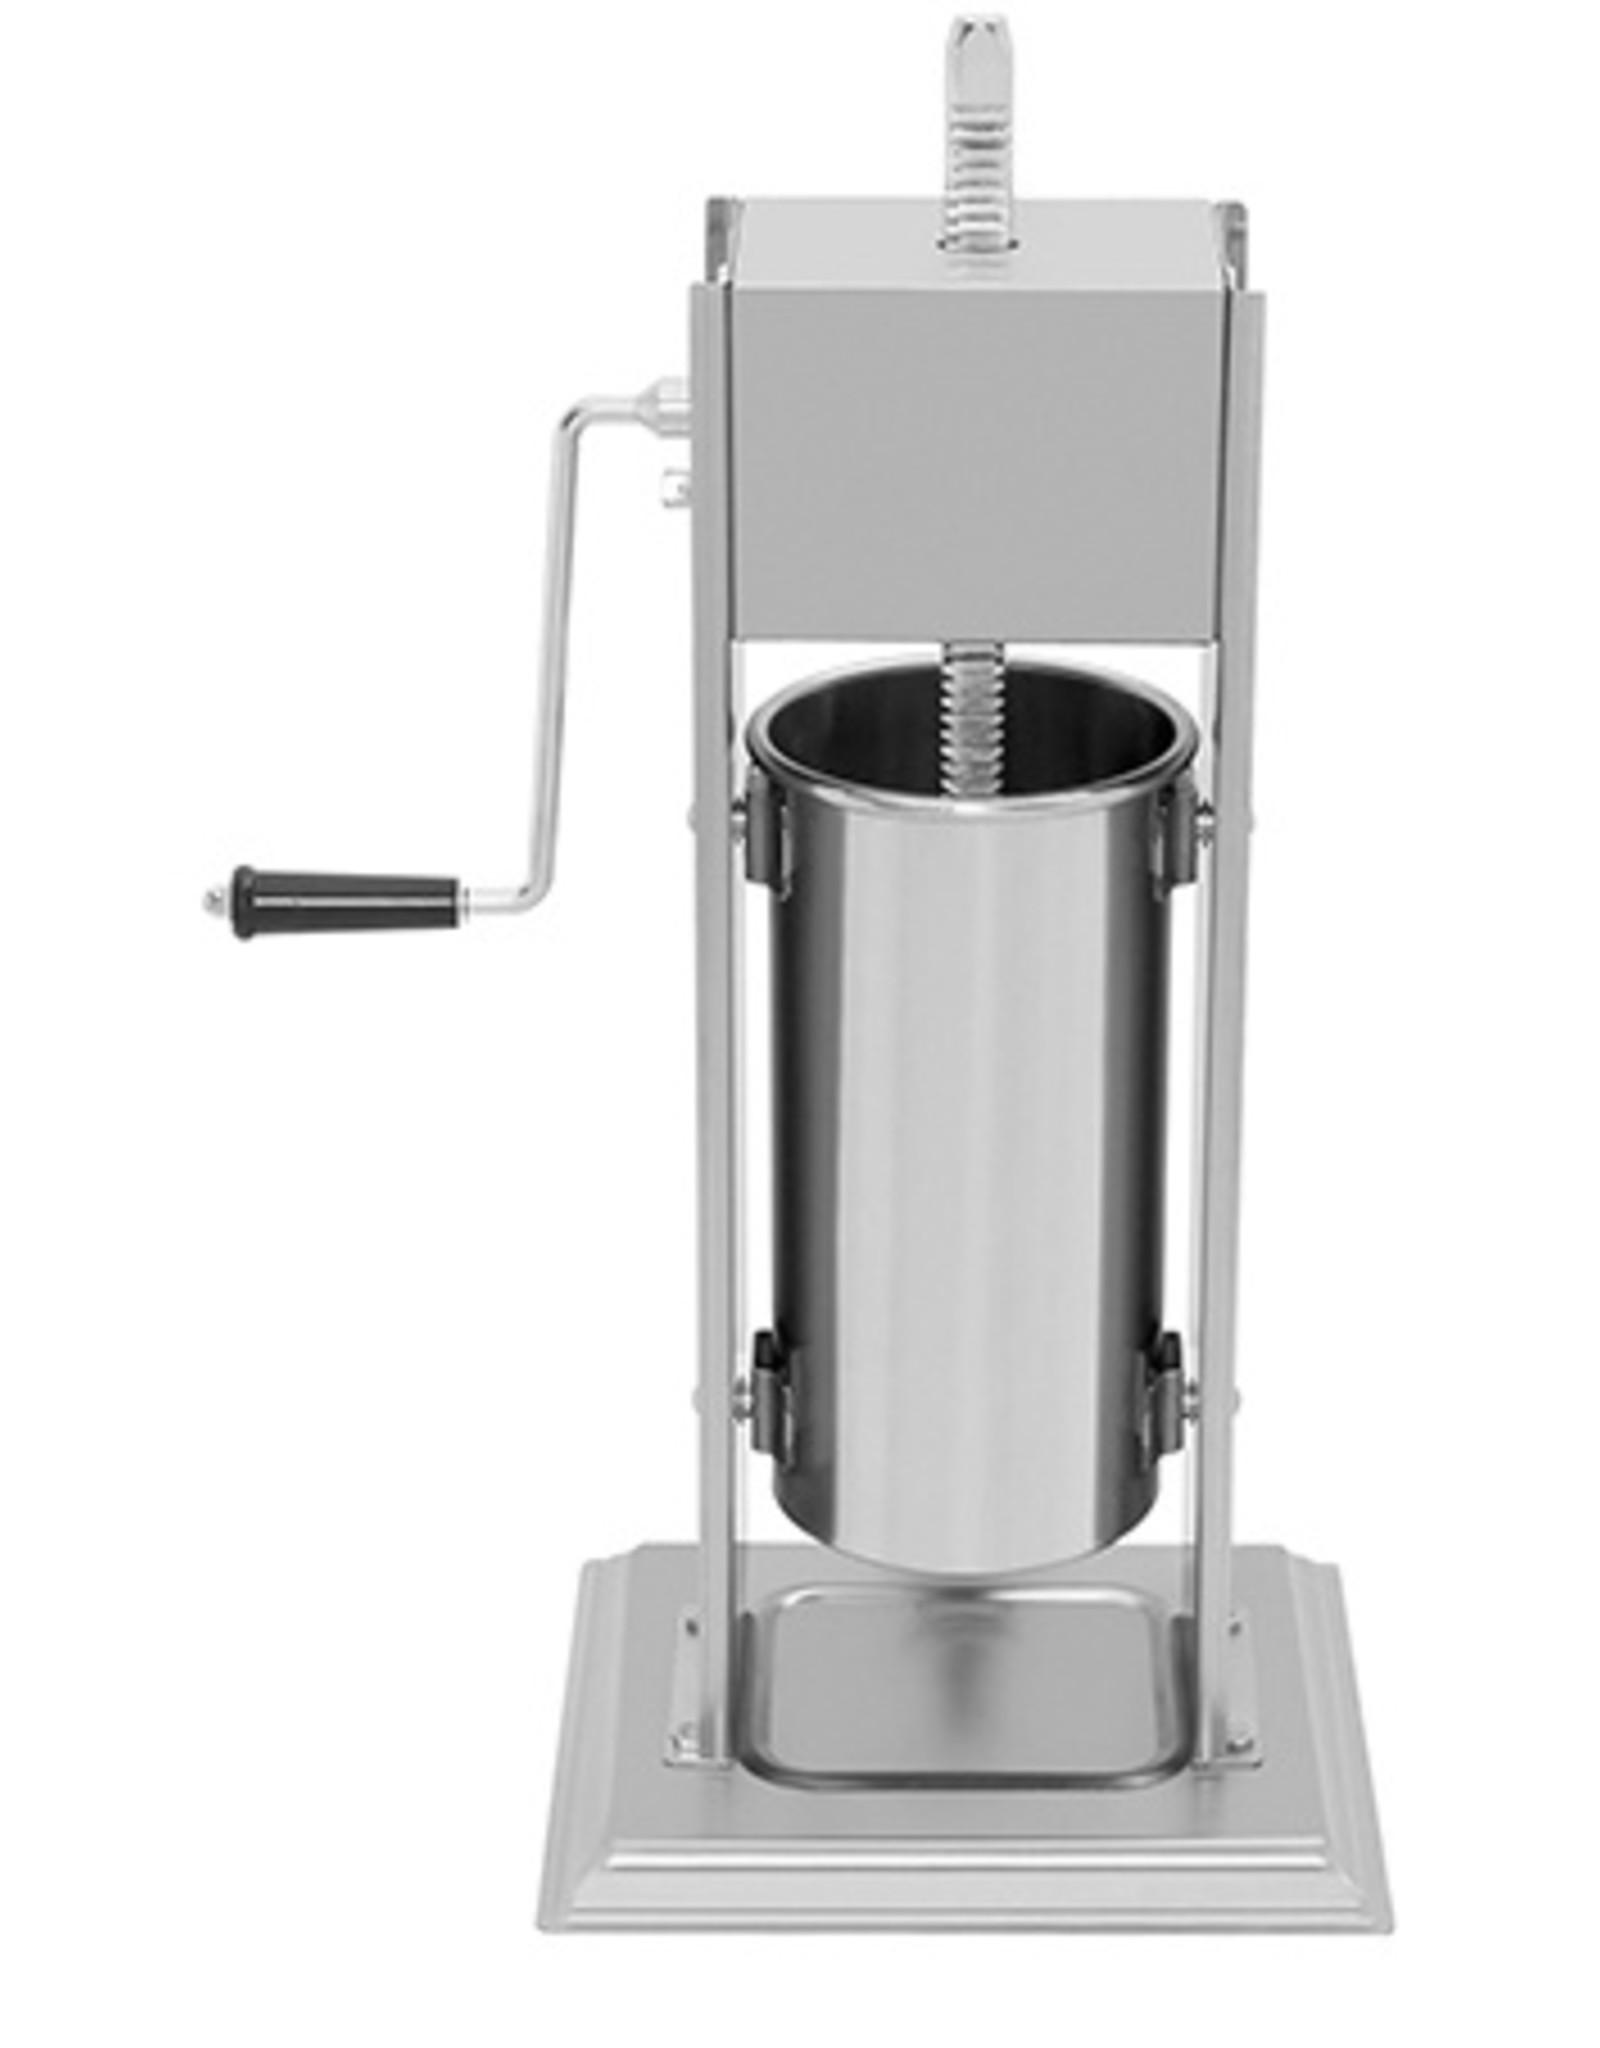 Q-Gastro Q-Gastro Worstenvuller 5L - Verticaal - RVS - 4 Vulbuizen (Nieuw)